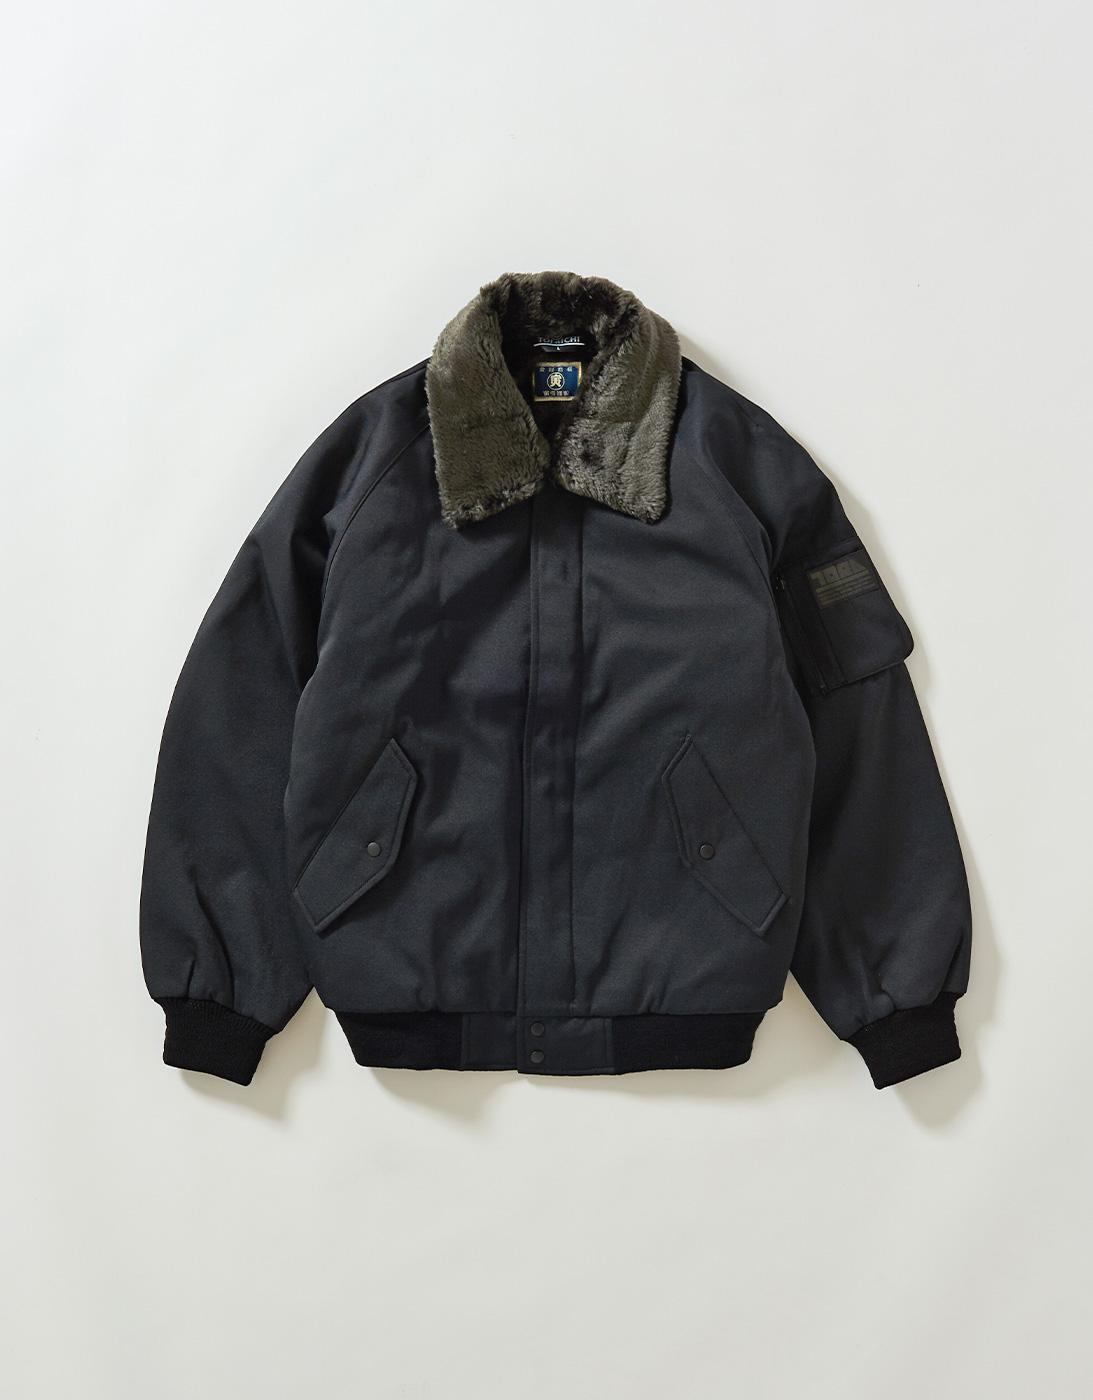 DOKA JUMPER 2530-729 BLACK